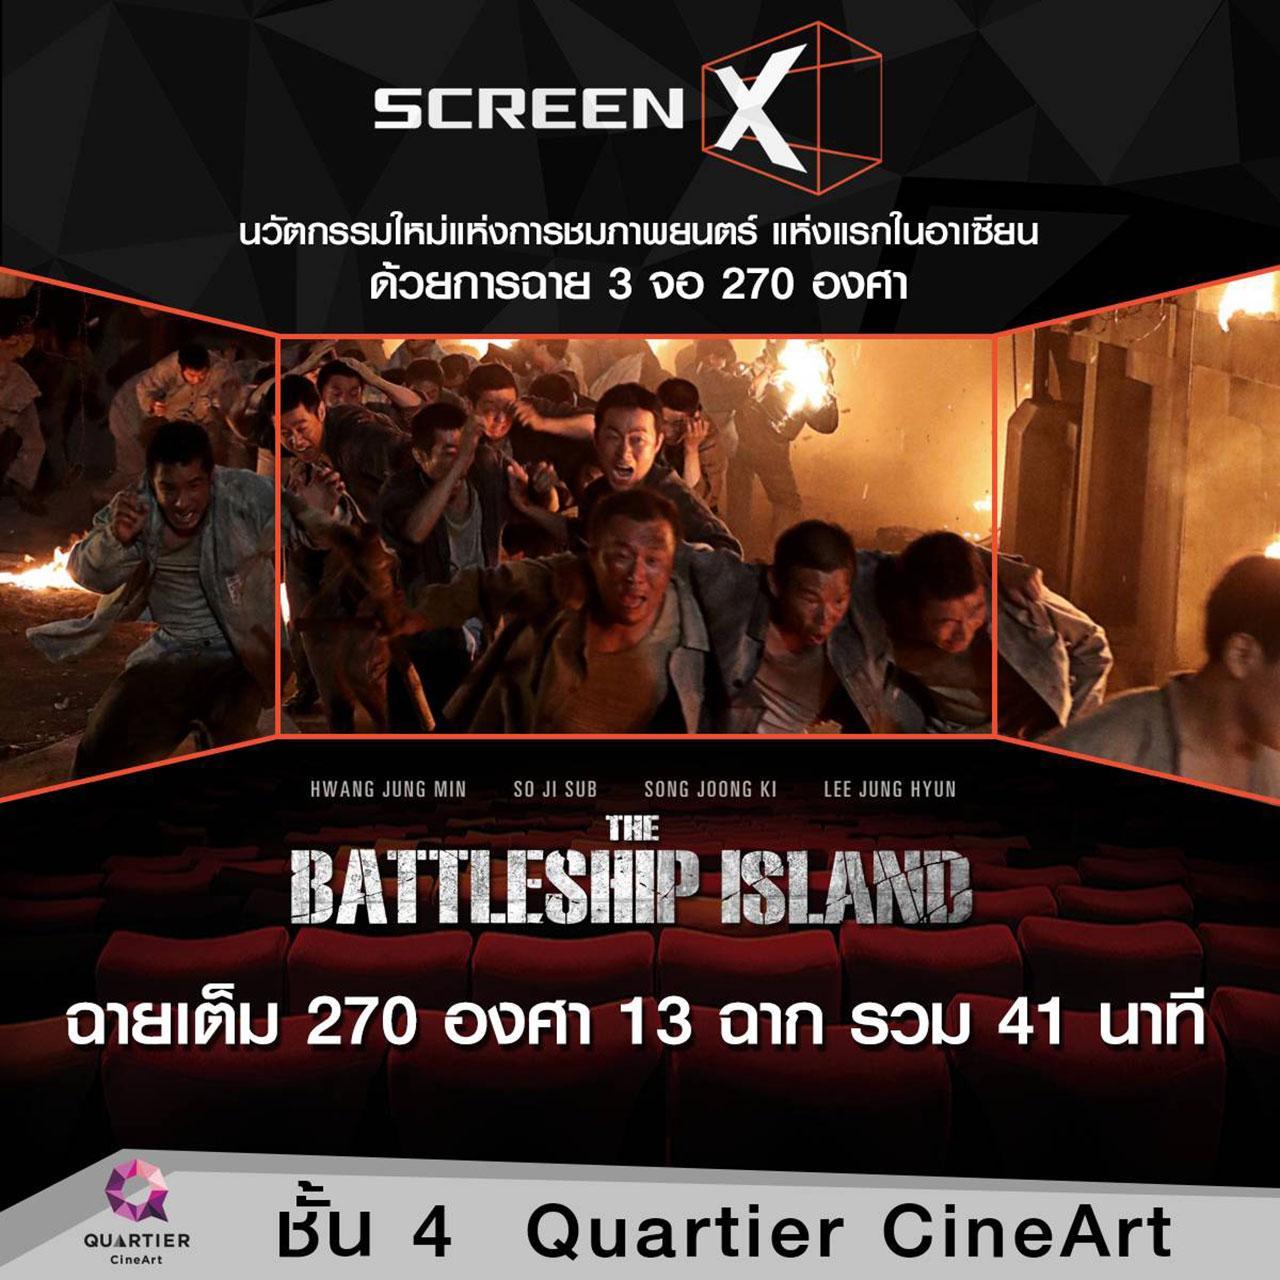 ภาพตัวอย่างจอแบบ Screen X